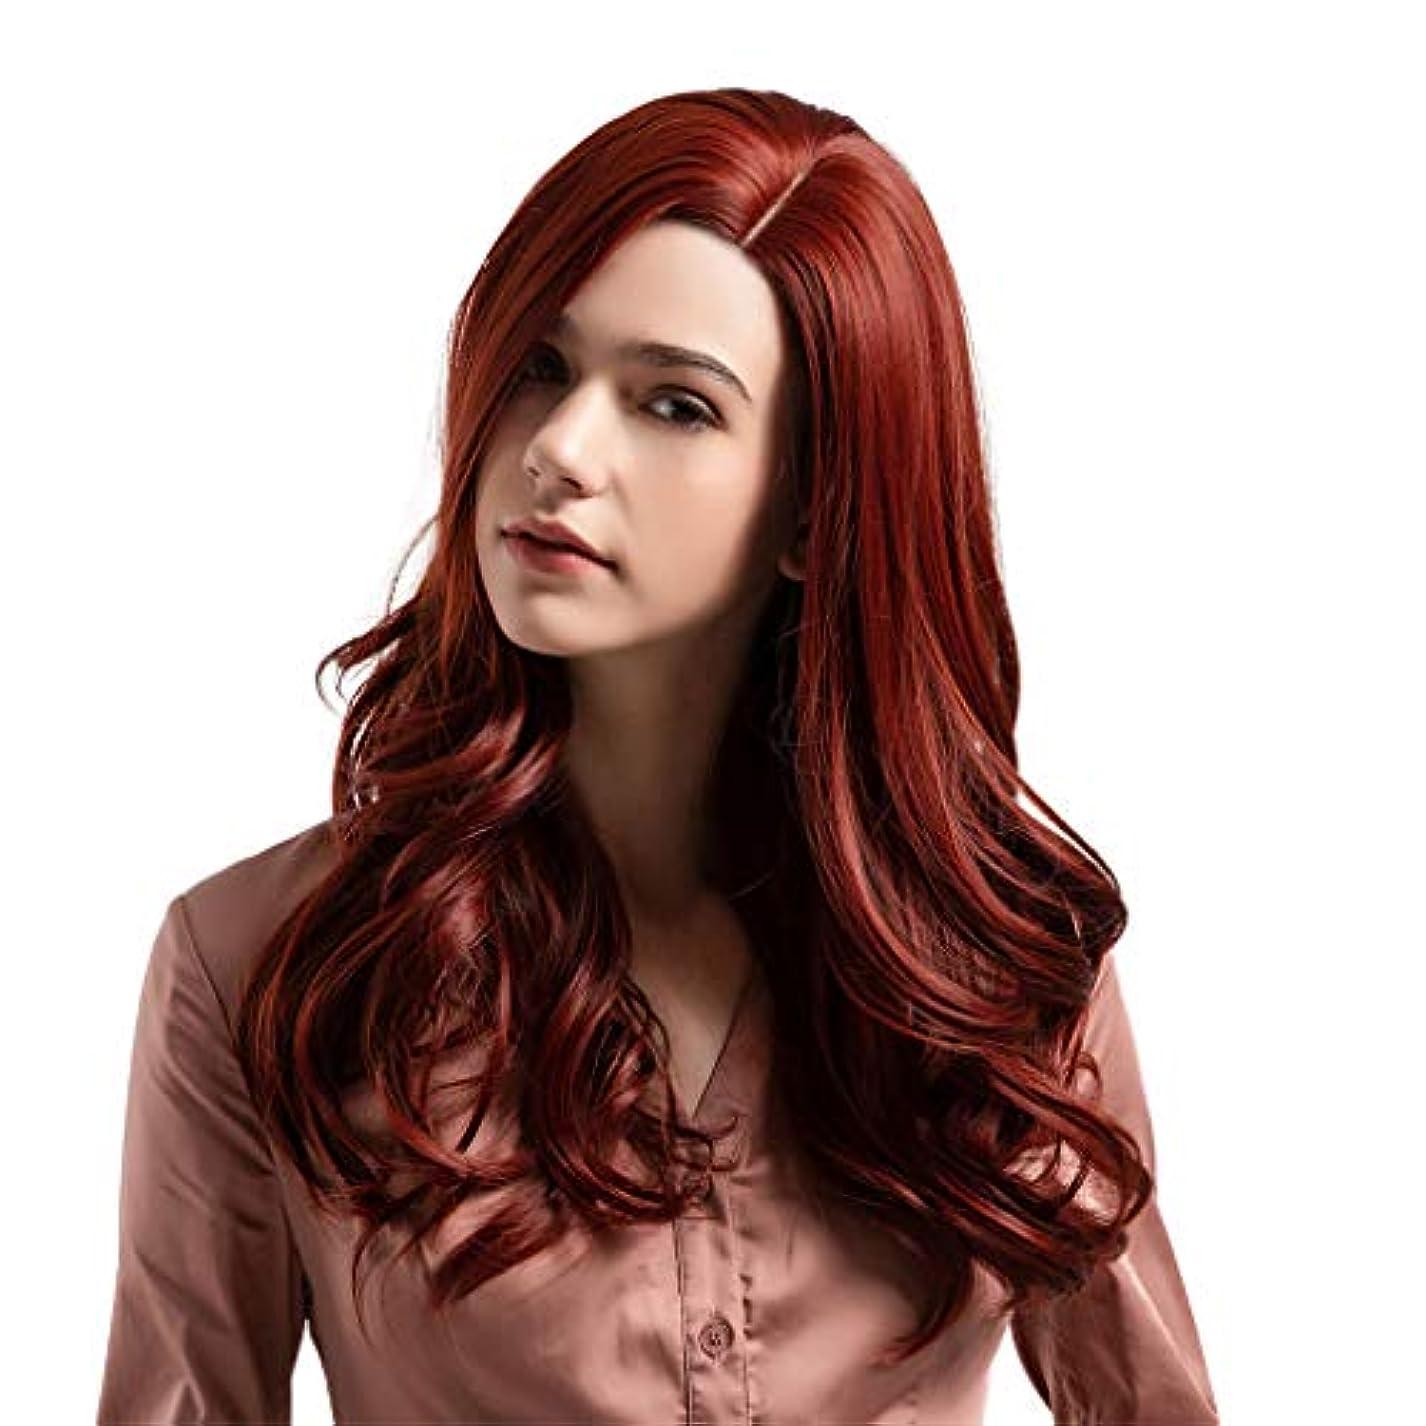 九月クリップ蝶傀儡かつら赤の長い髪の巻き毛の自然なかつら高温シルクウィッグ24インチ